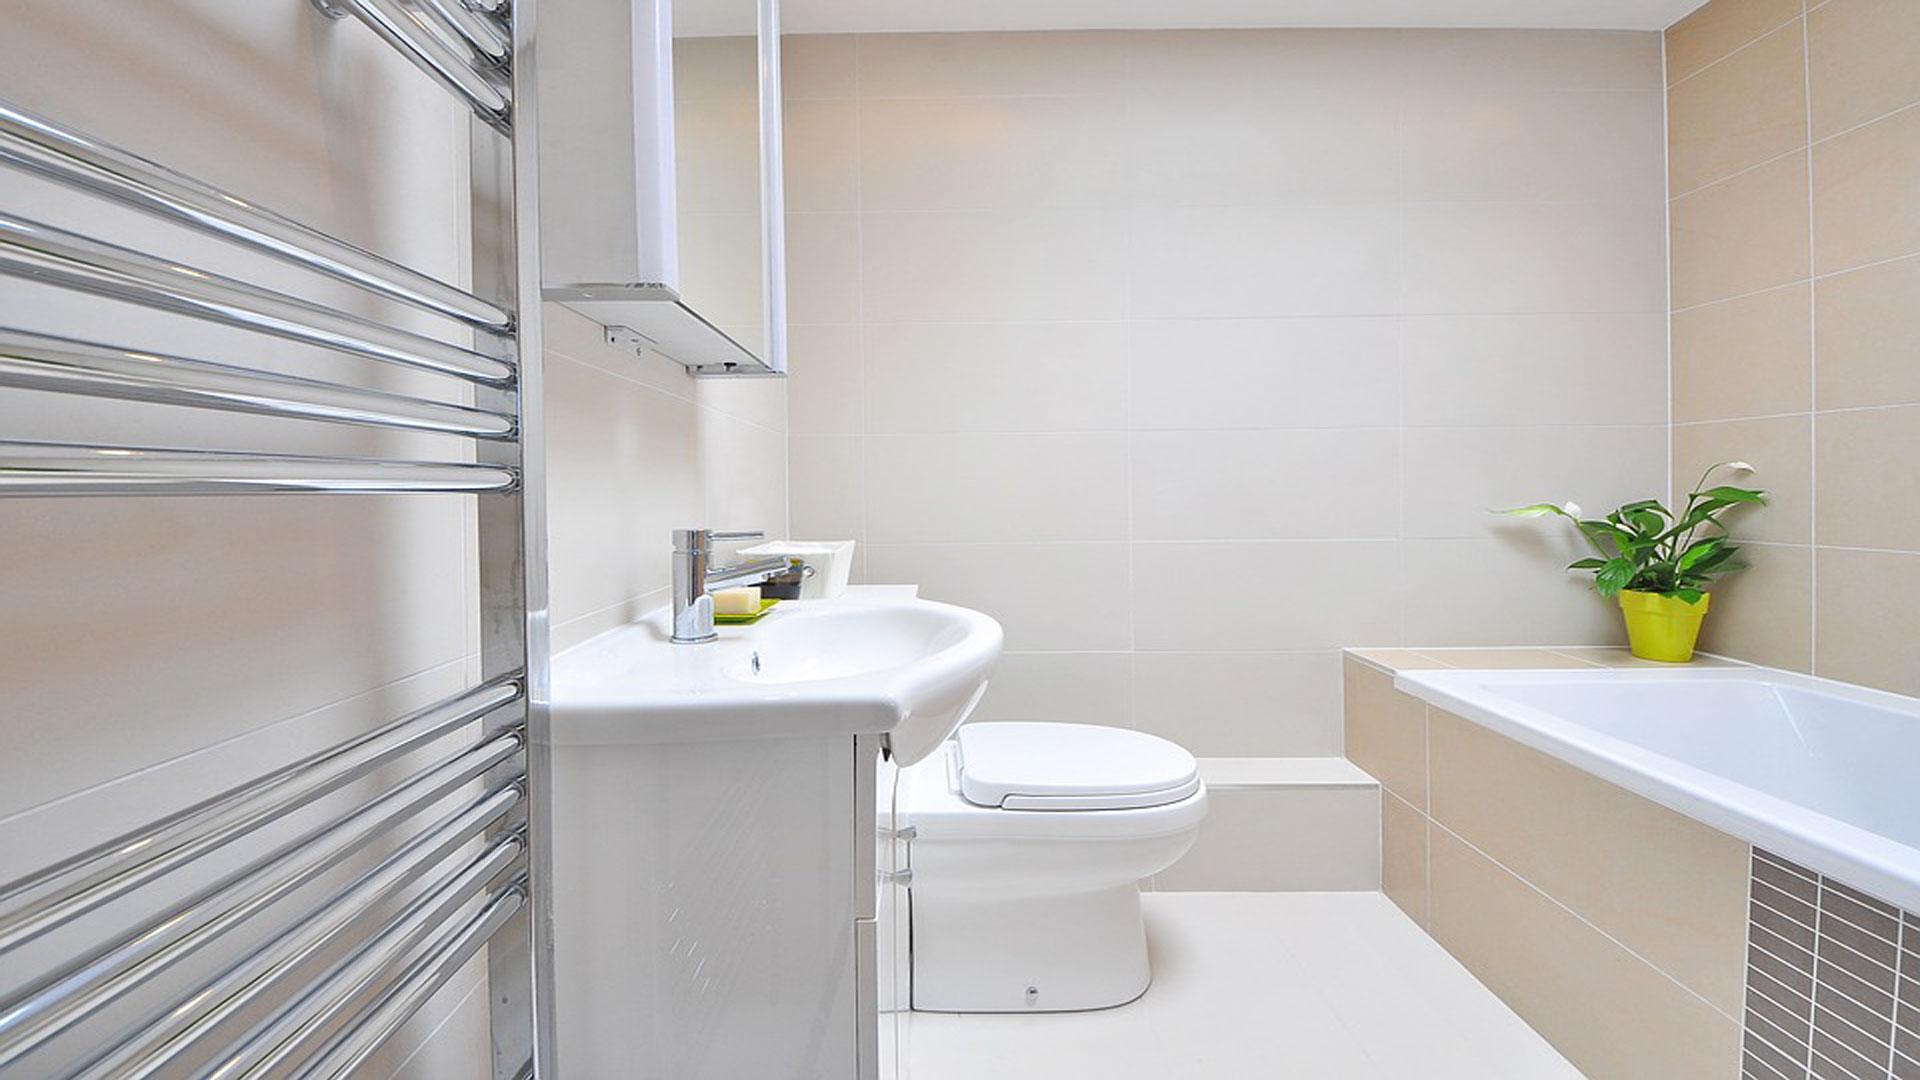 Conseguir-una-instalación-eléctrica-segura-en-el-baño-1920-